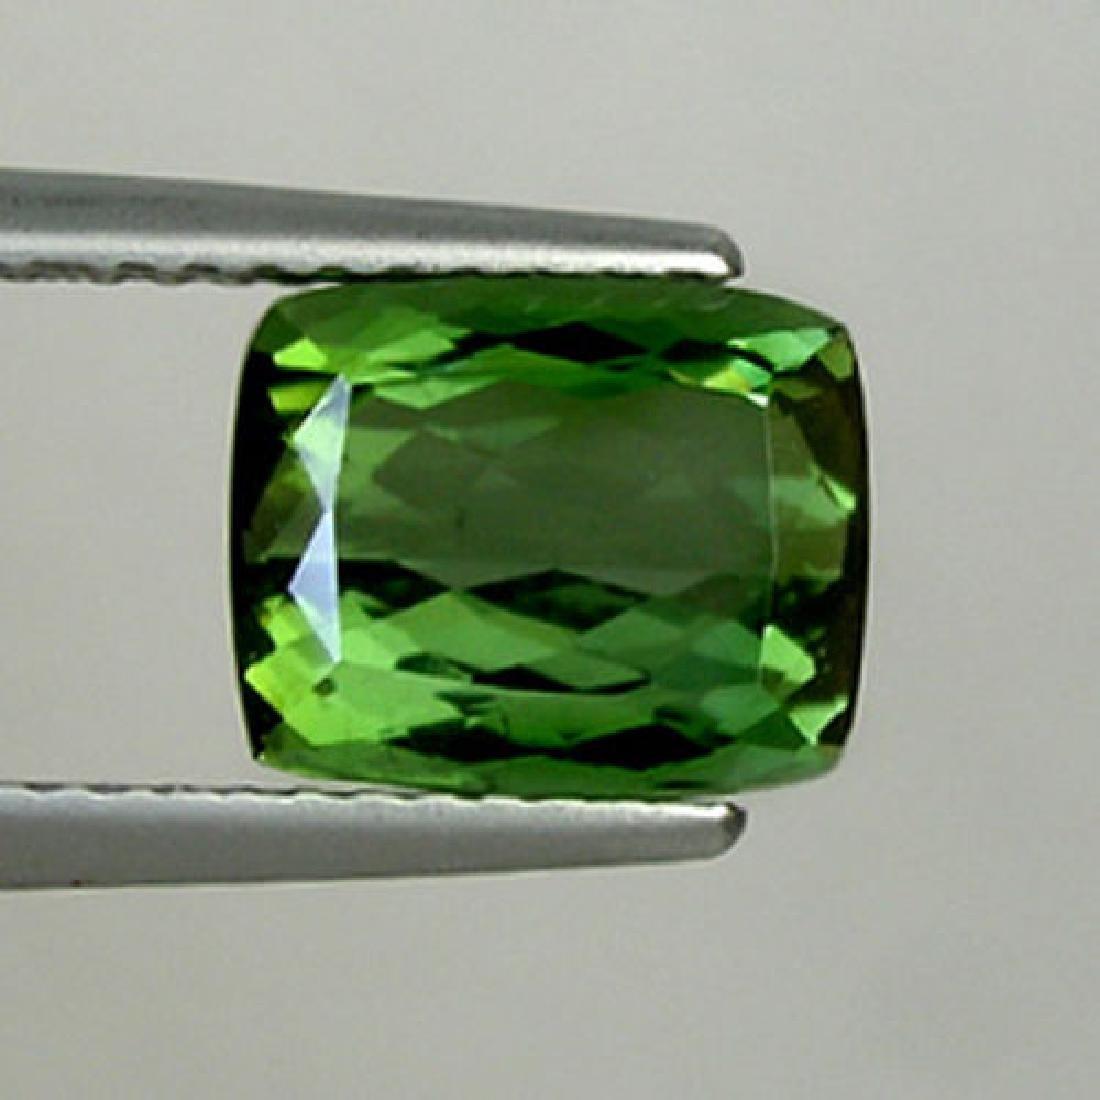 Natural Green Tourmaline 2.55 Carats - VVS